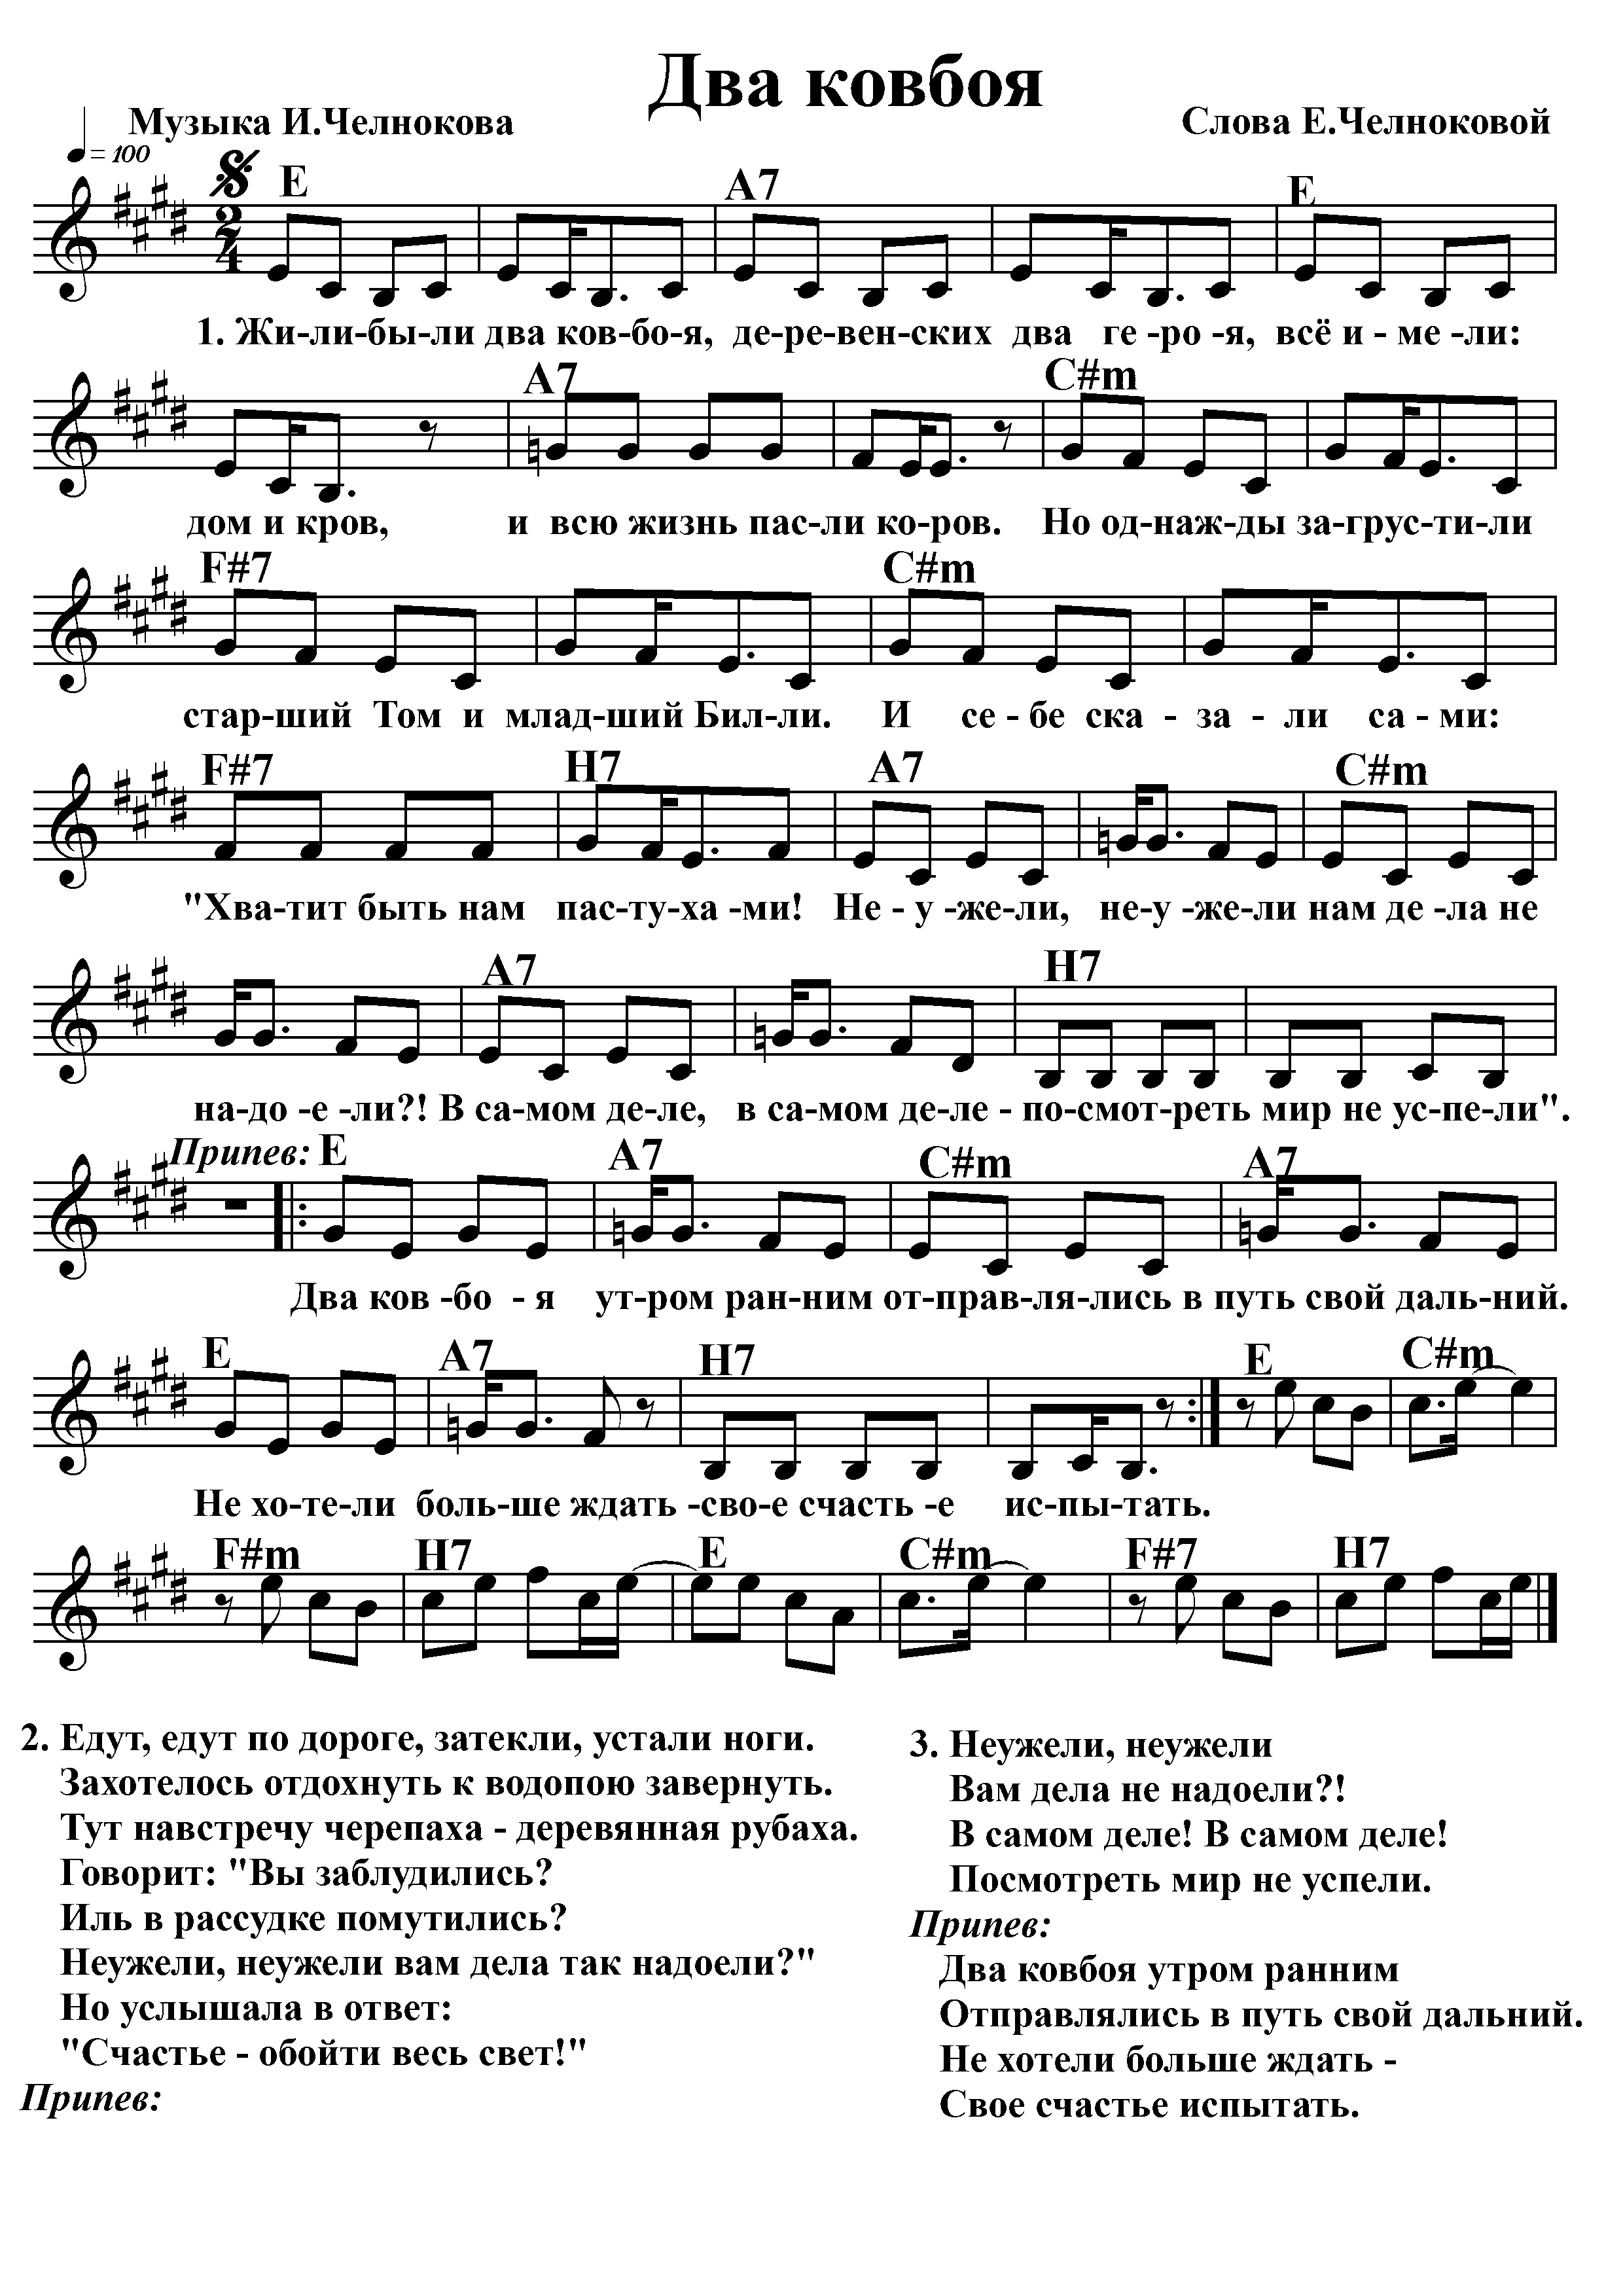 КАББОЙСКАЯ ПЕСНЯ ПЛЮСОВКА ПЕСНЯ СКАЧАТЬ БЕСПЛАТНО